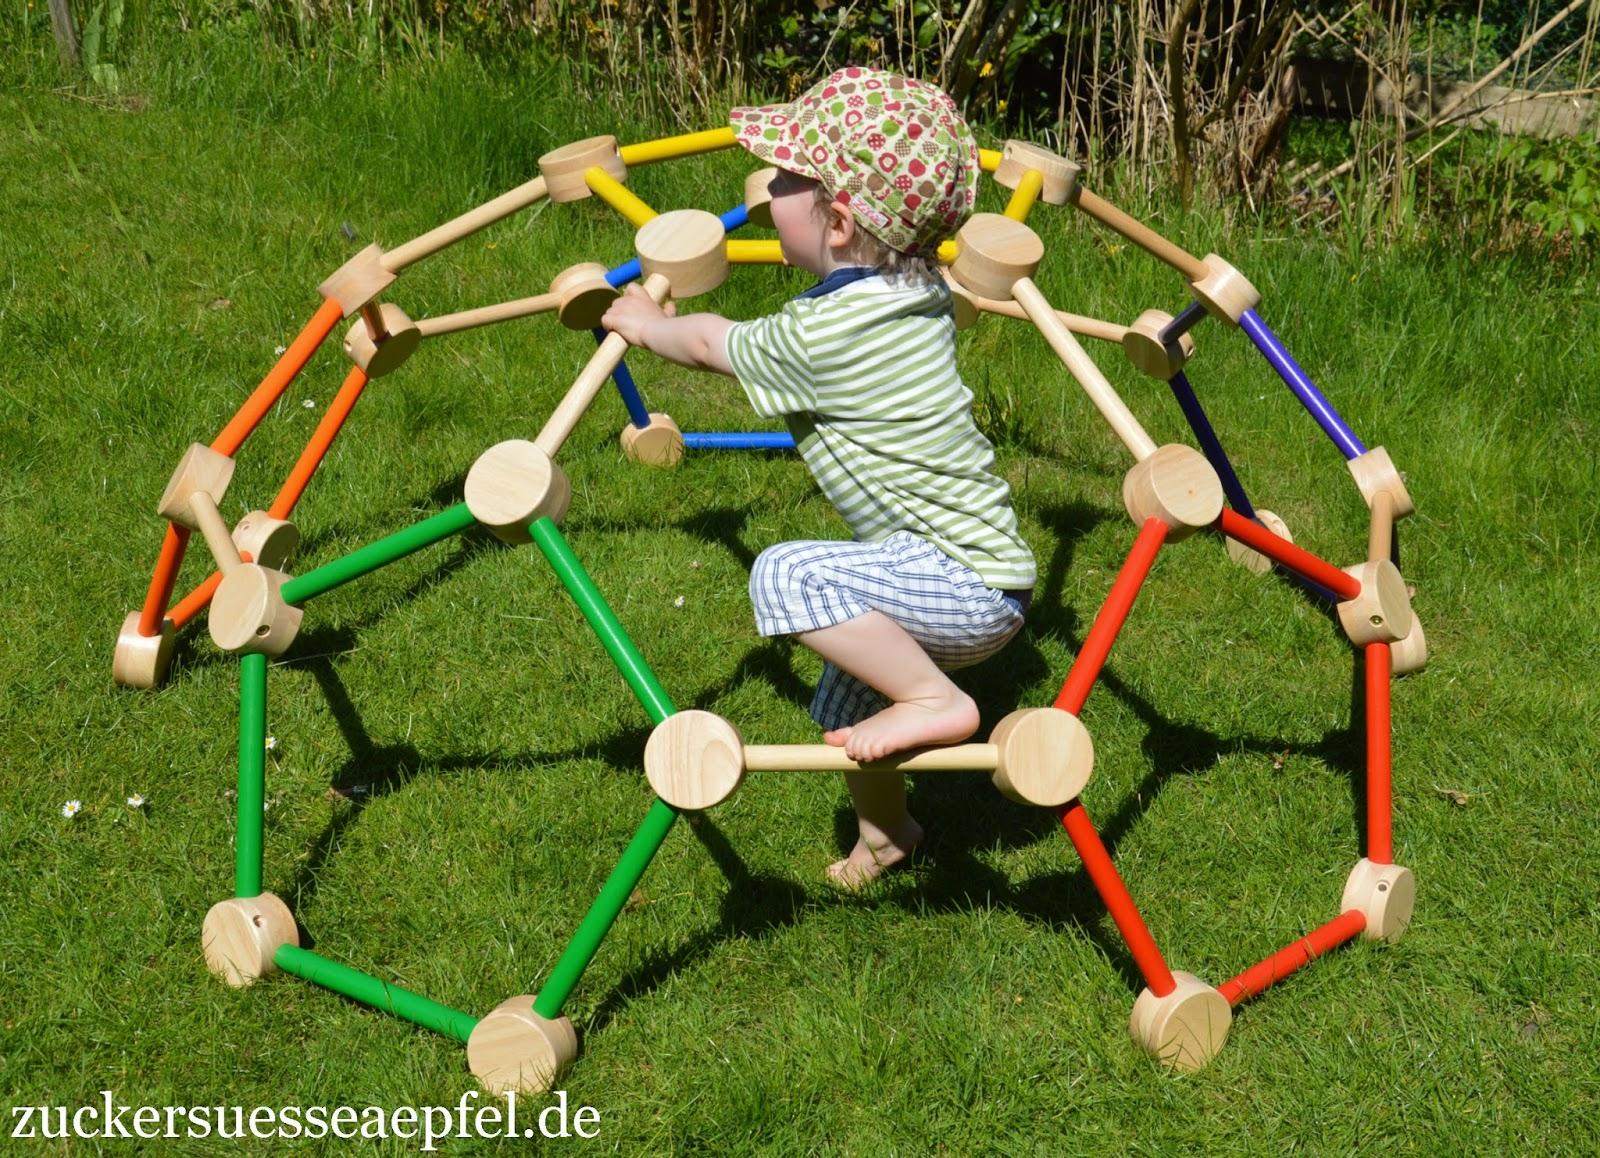 Kind Vom Klettergerüst Gefallen : Das tolle kletterhaus von livipur mit einer wahnsinns verlosung